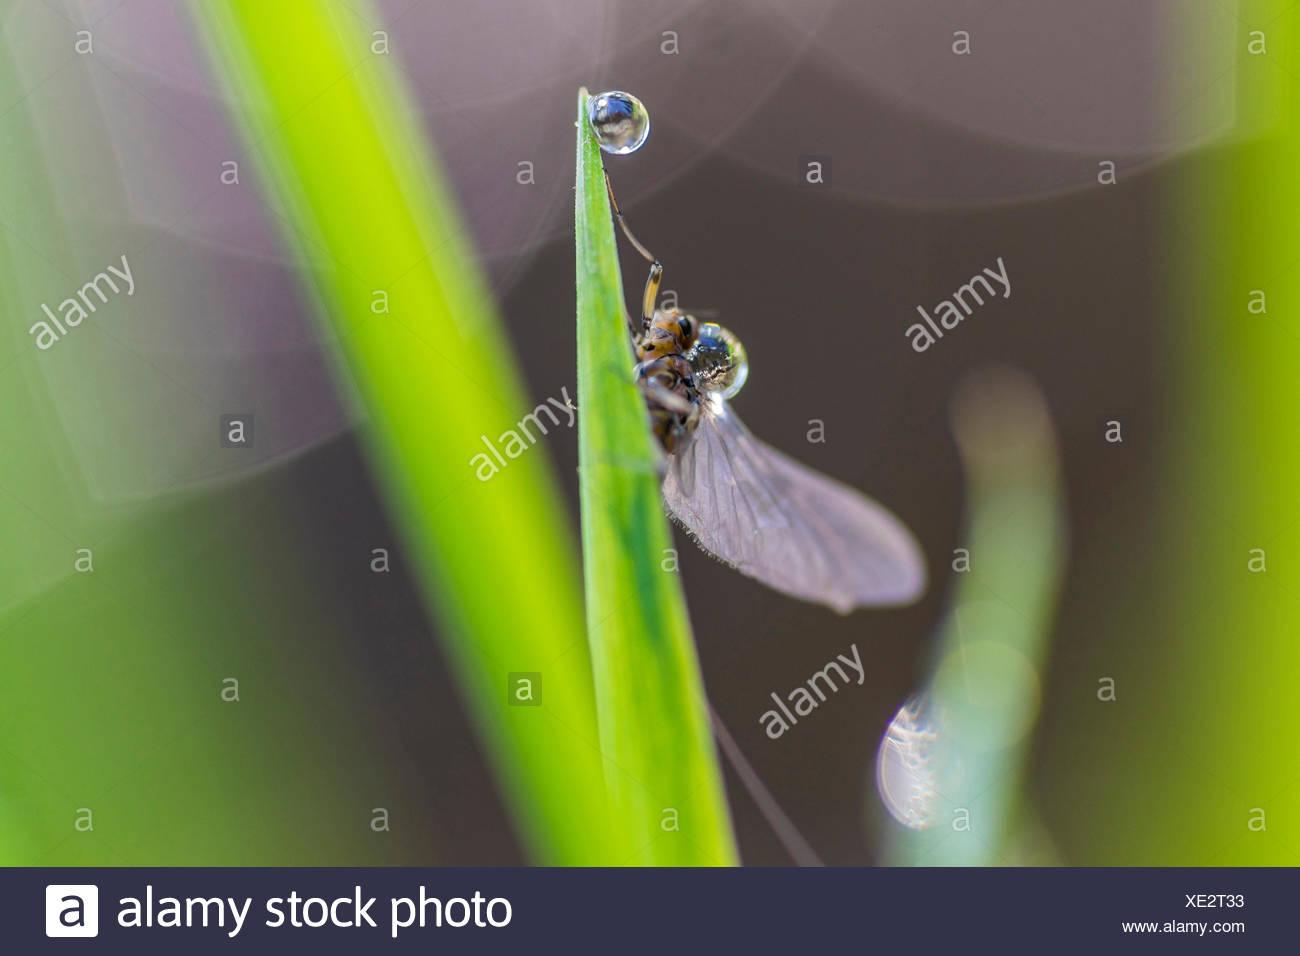 Insecto en una hoja con una gota de agua, Alemania, Sajonia, Vogtlaendische Schweiz Imagen De Stock